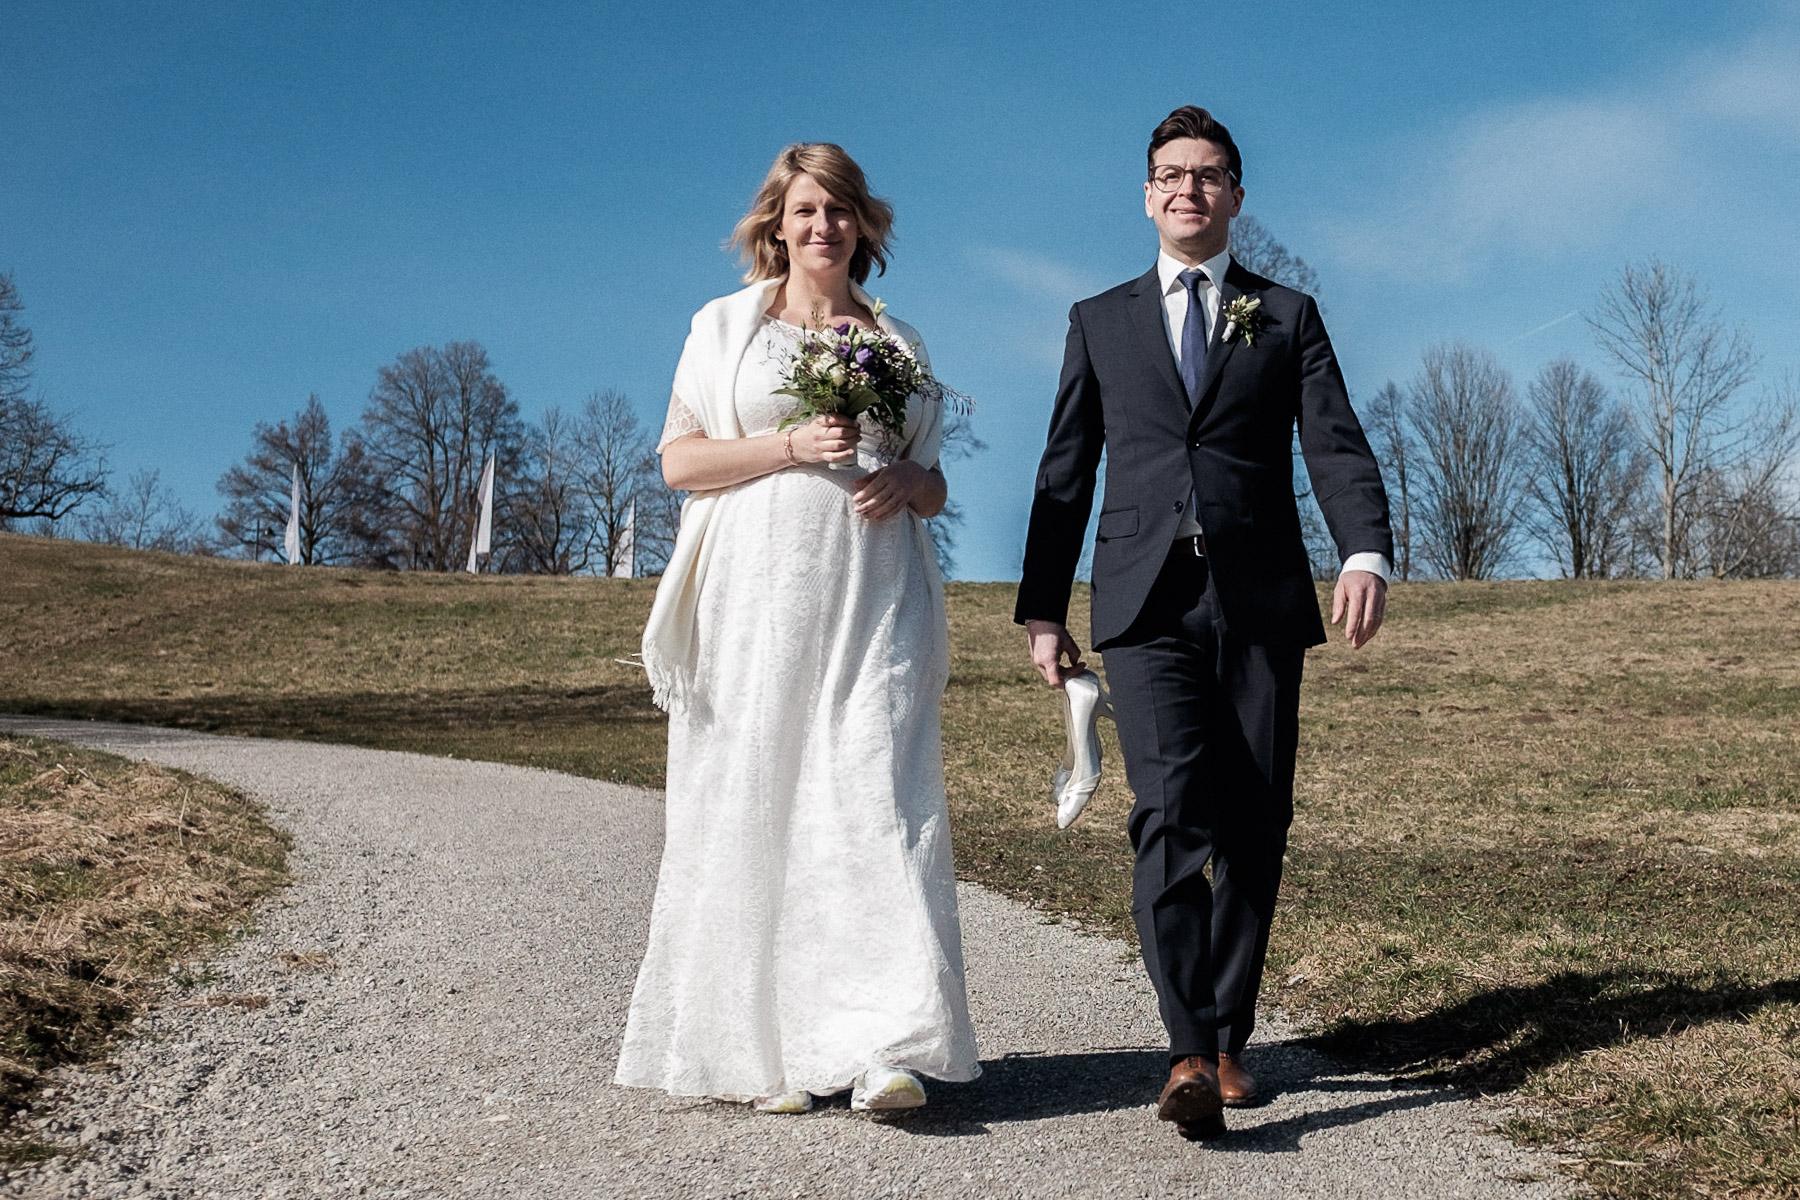 MartinLiebl_Hochzeitsfotograf_KCL_Blog_52.jpg